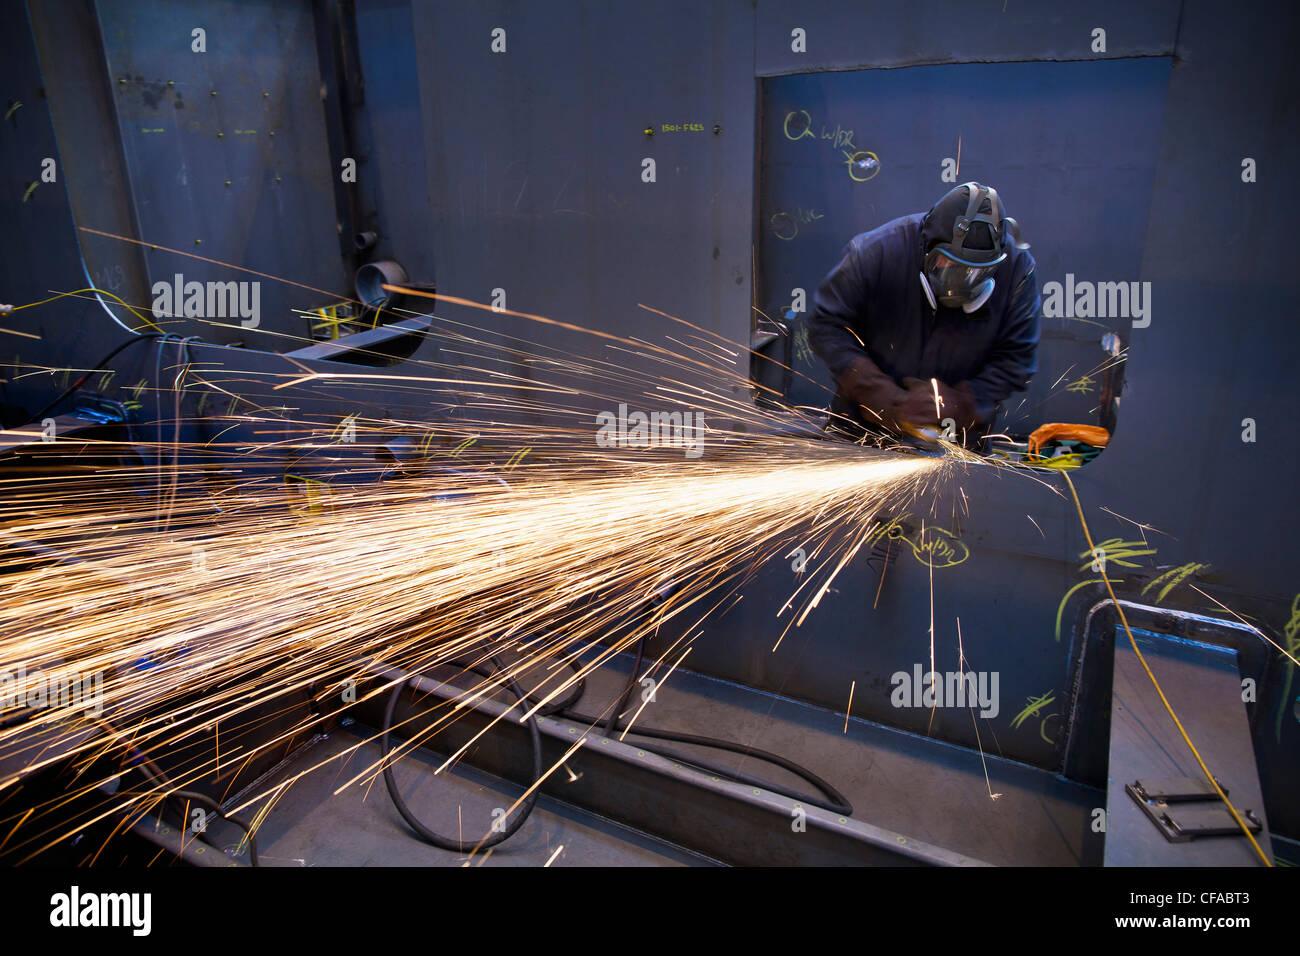 Fresa in acciaio durante il lavoro in cantiere Immagini Stock